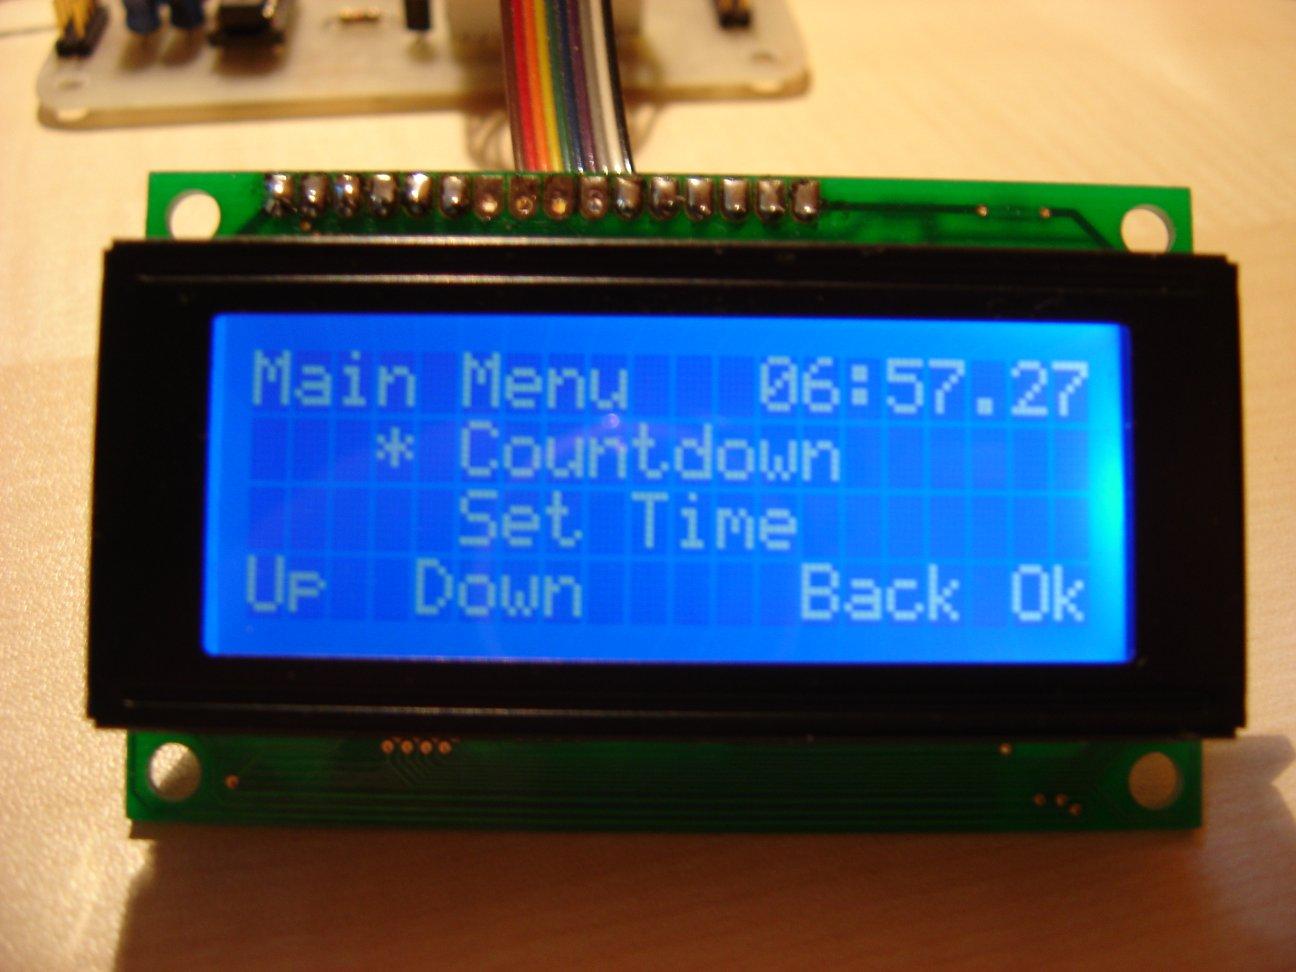 Digital alarm clock using PIC | Embedded Lab